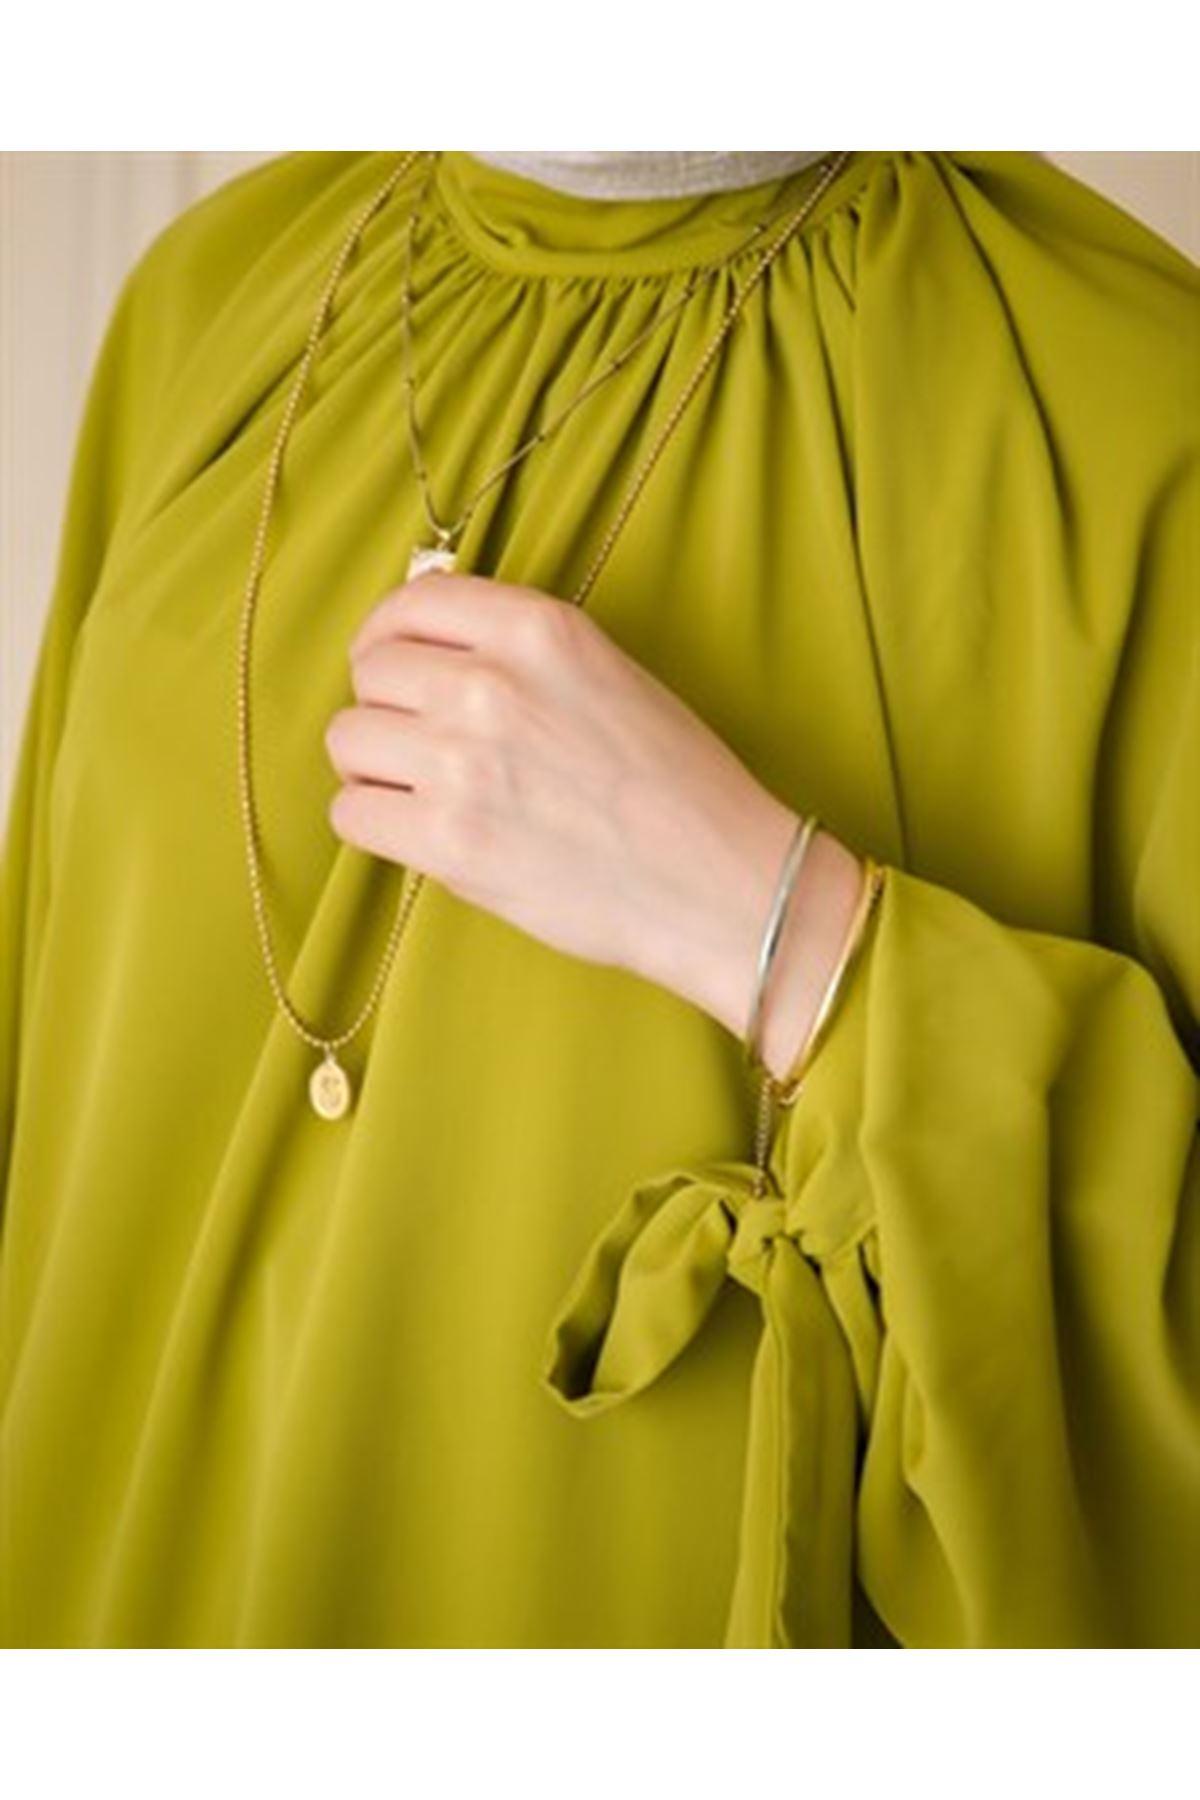 Kadın Pantolonlu Takım-Yağ yeşili